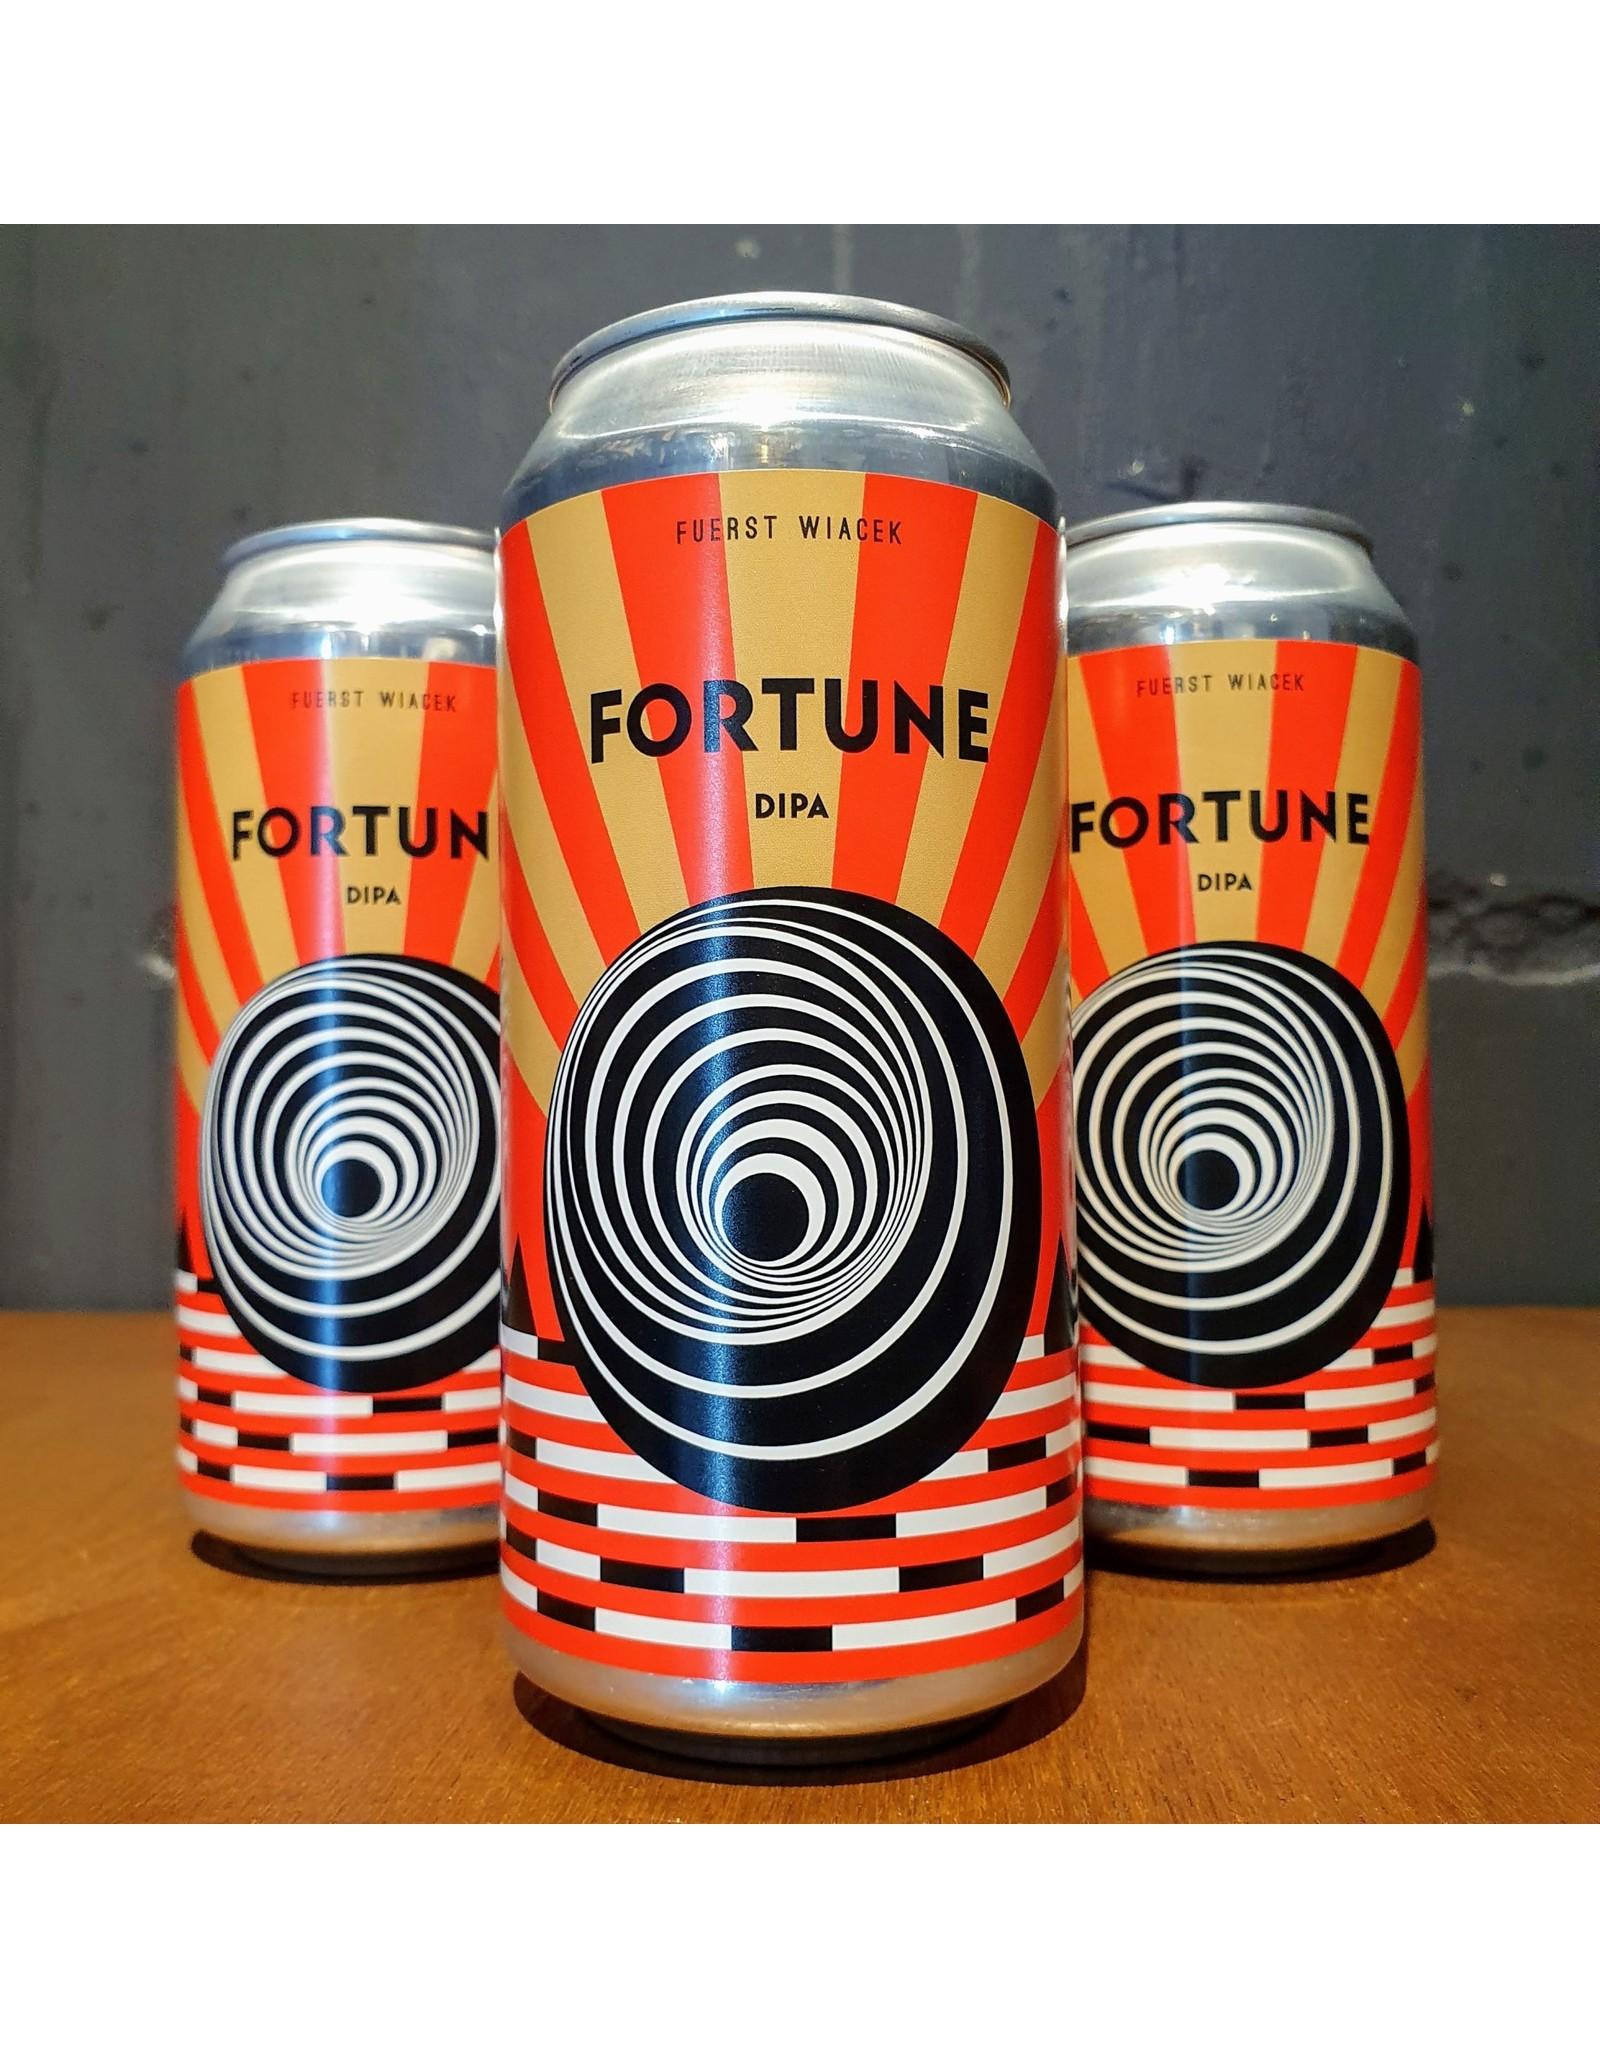 Fuerst Wiacek Fuerst Wiacek: Fortune